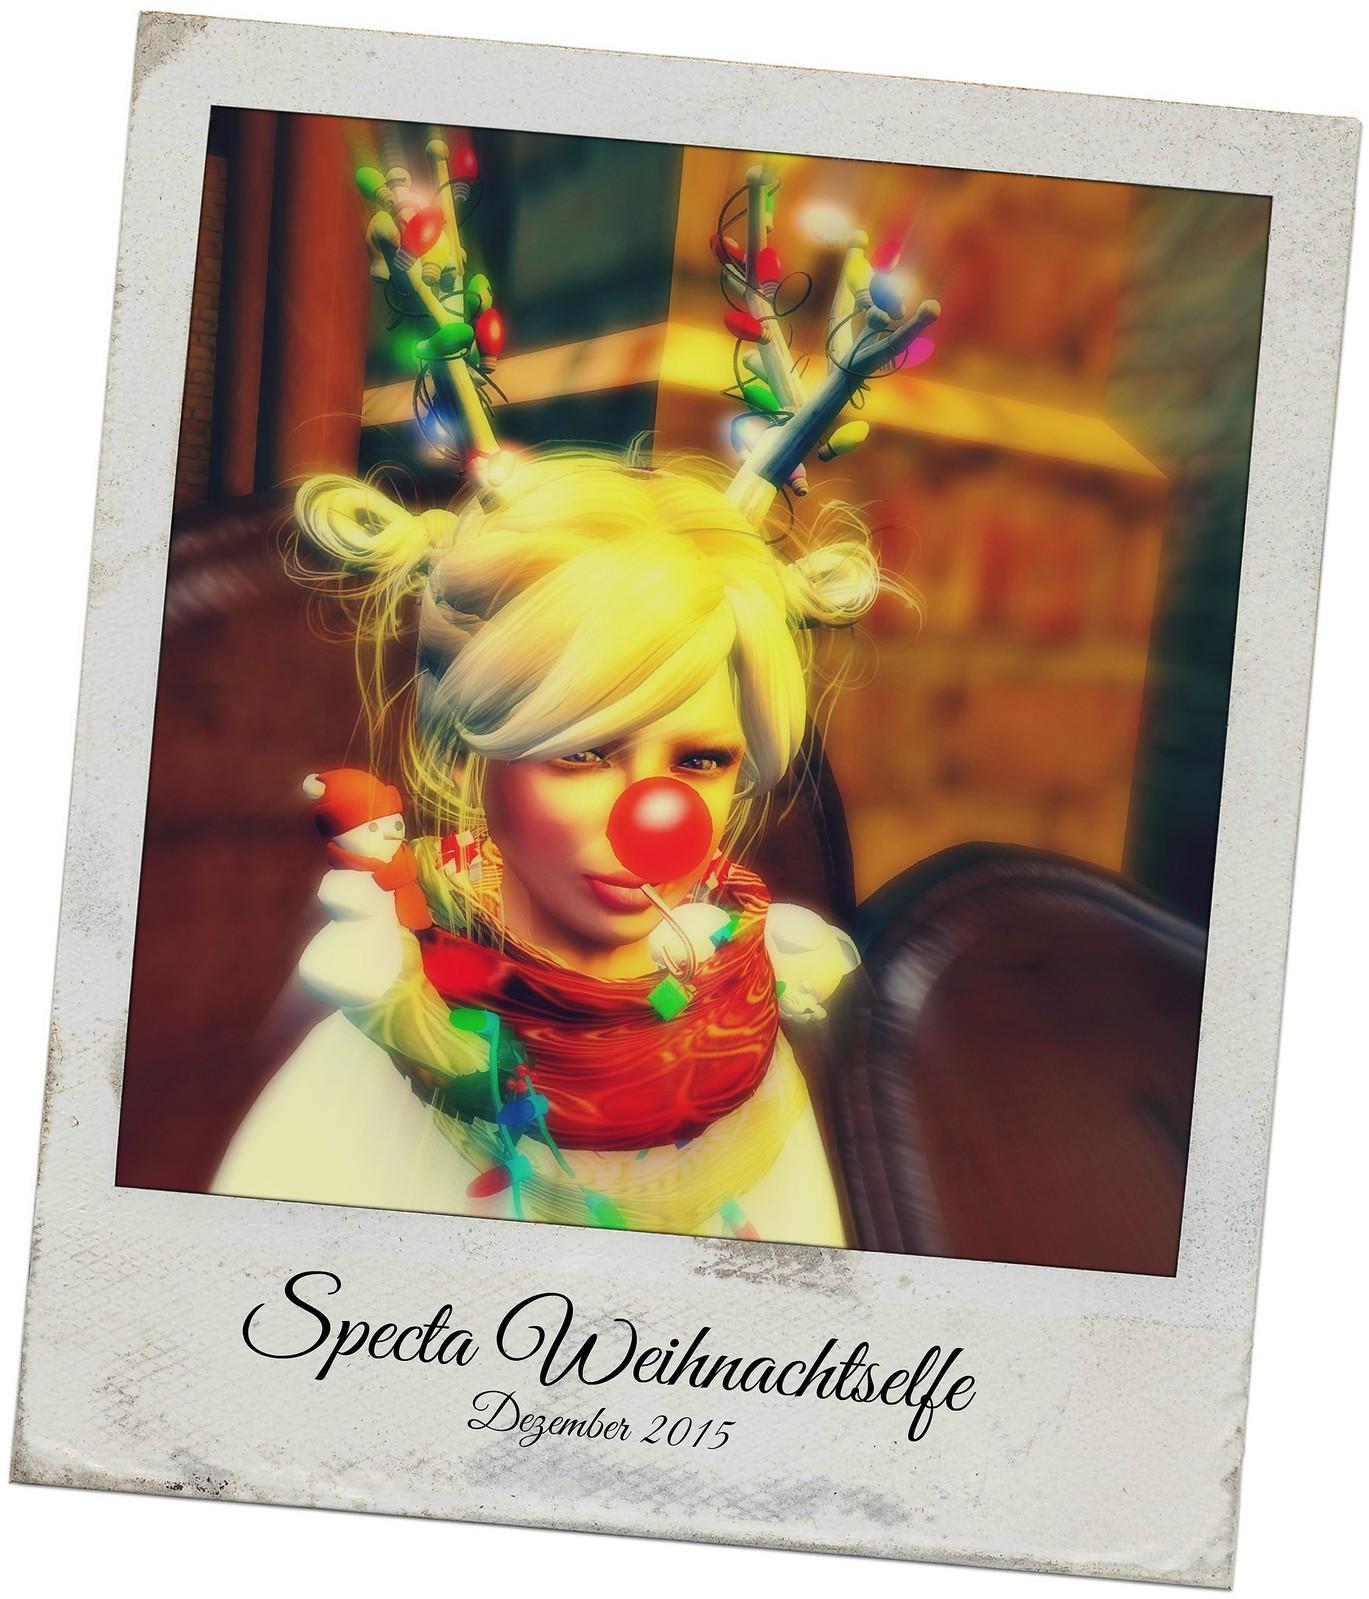 Specta Weihnachtselfe